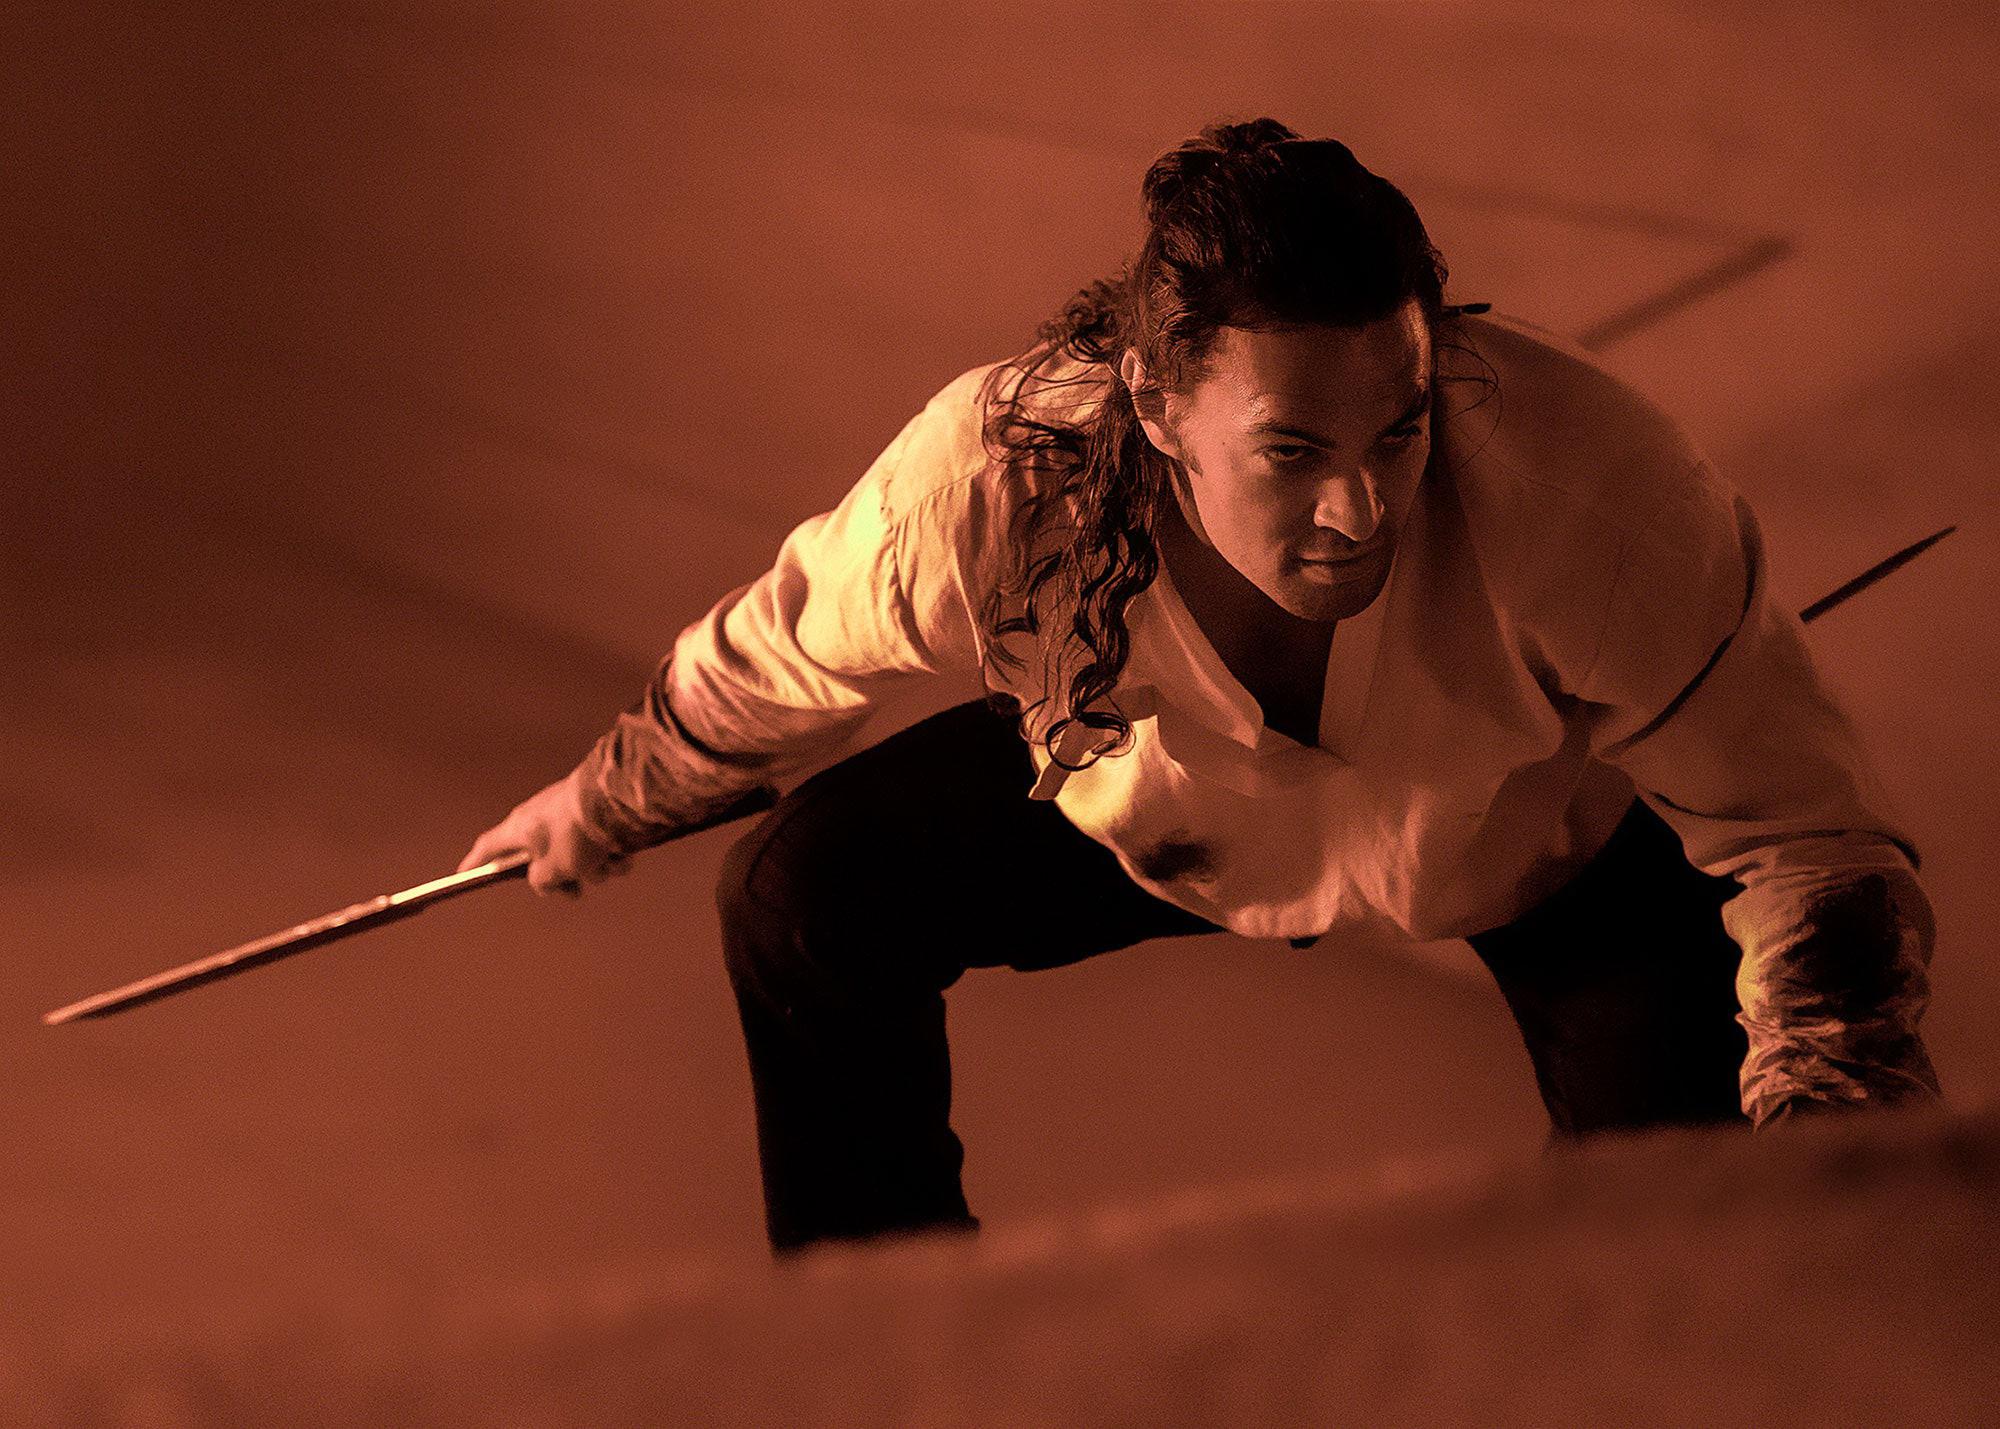 海王谈新角色 新片《沙丘》中首次挑战剑术大师